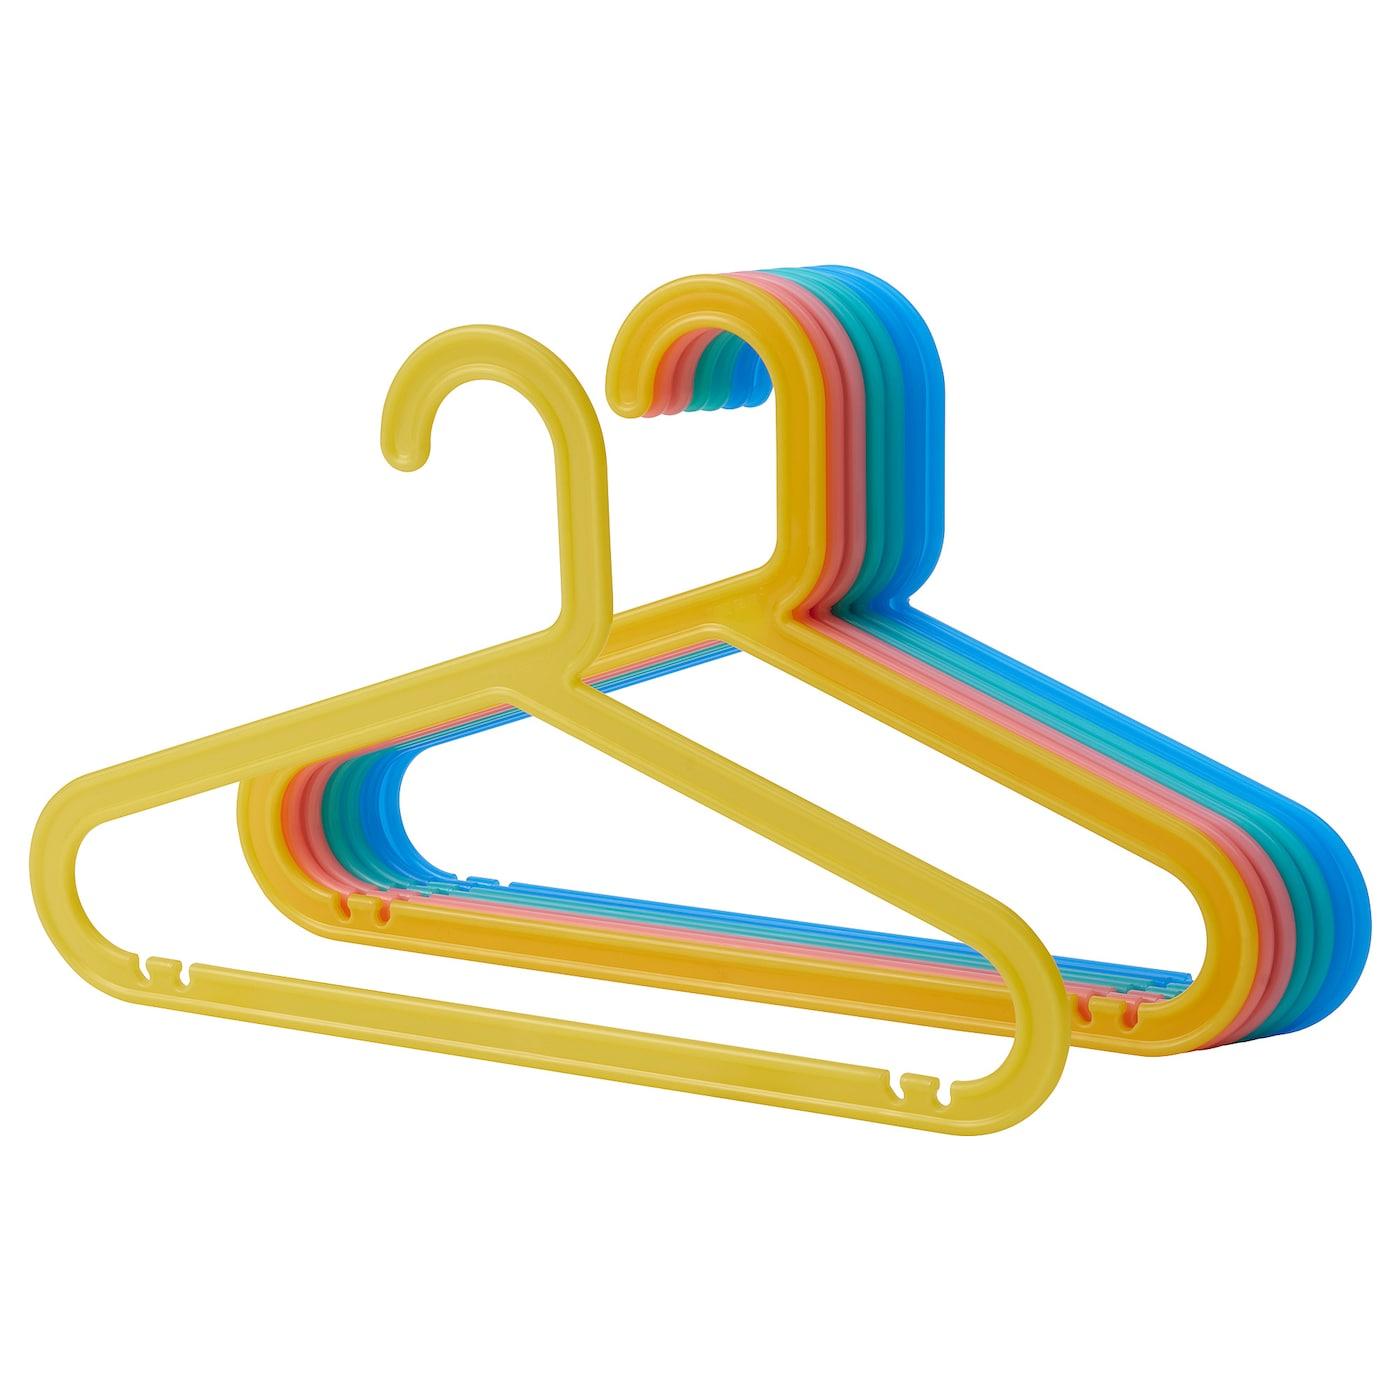 ikea childrens hangers